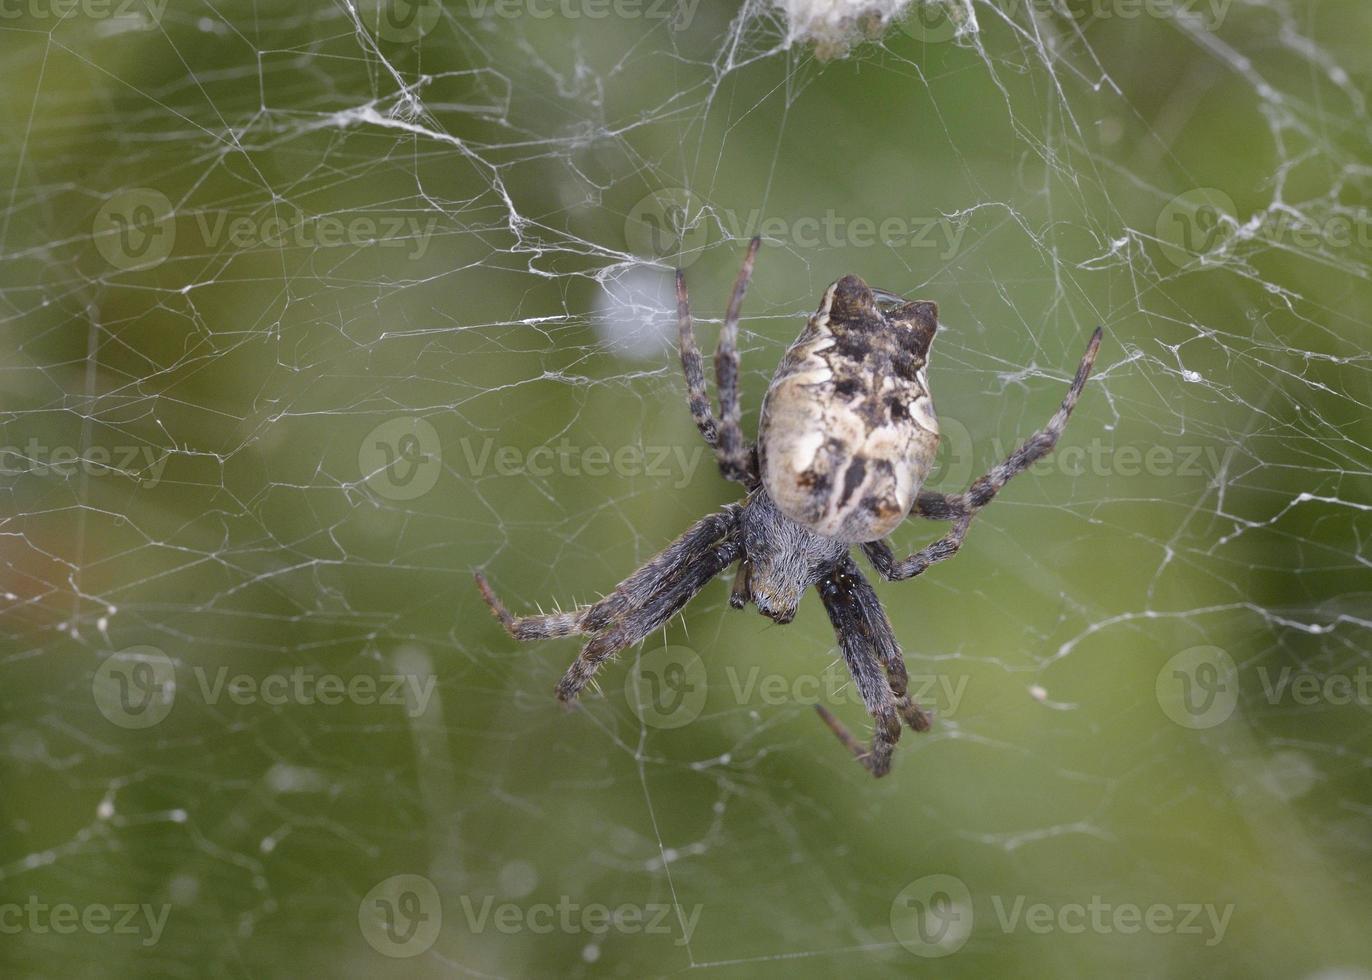 cyrtophora citricola, noto anche come ragno della tela da tenda tropicale, è un ragno araneide foto